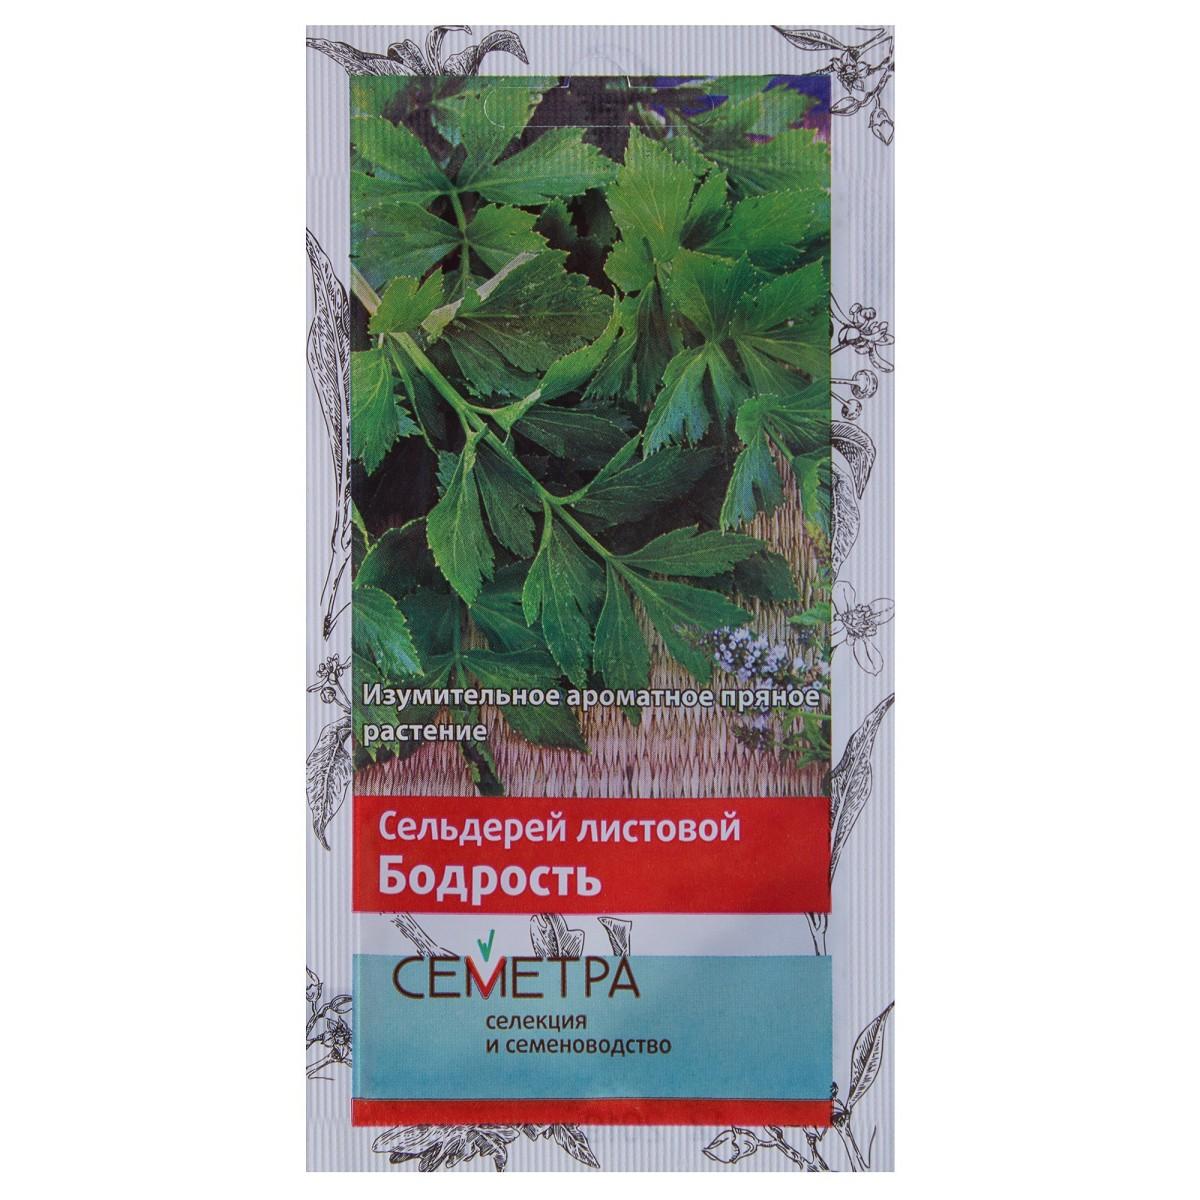 Семена Сельдерей листовой Бодрость